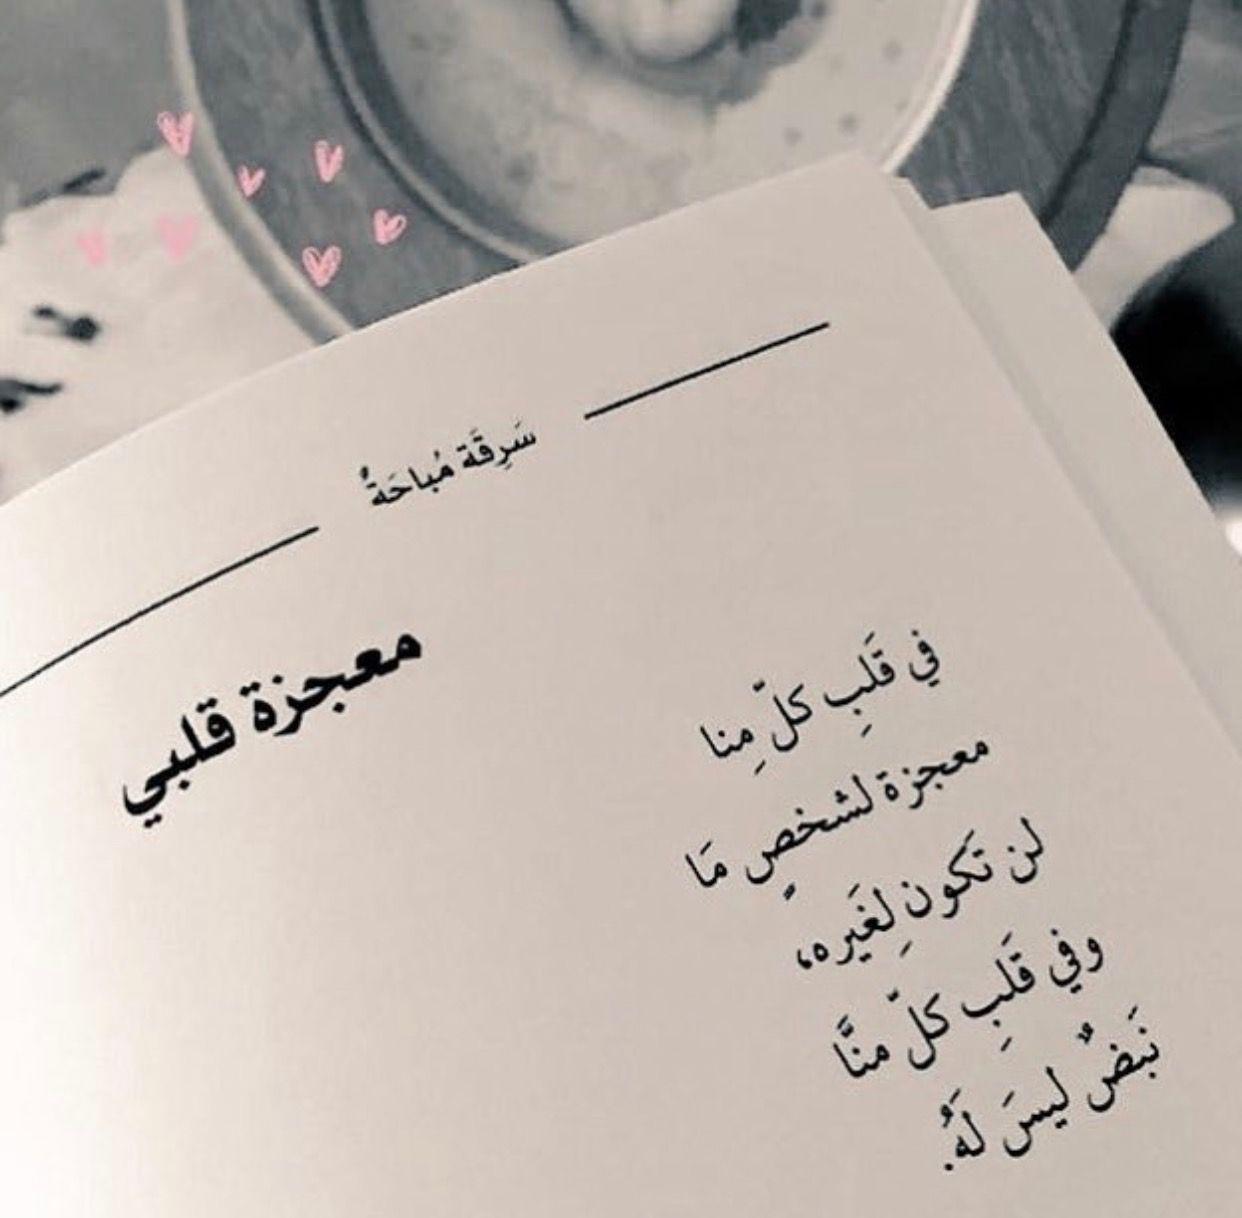 انت معجزة قلبي التي لا اعرف ان كانت لي او ليست لي Book Quotes Words Quotes Romantic Quotes